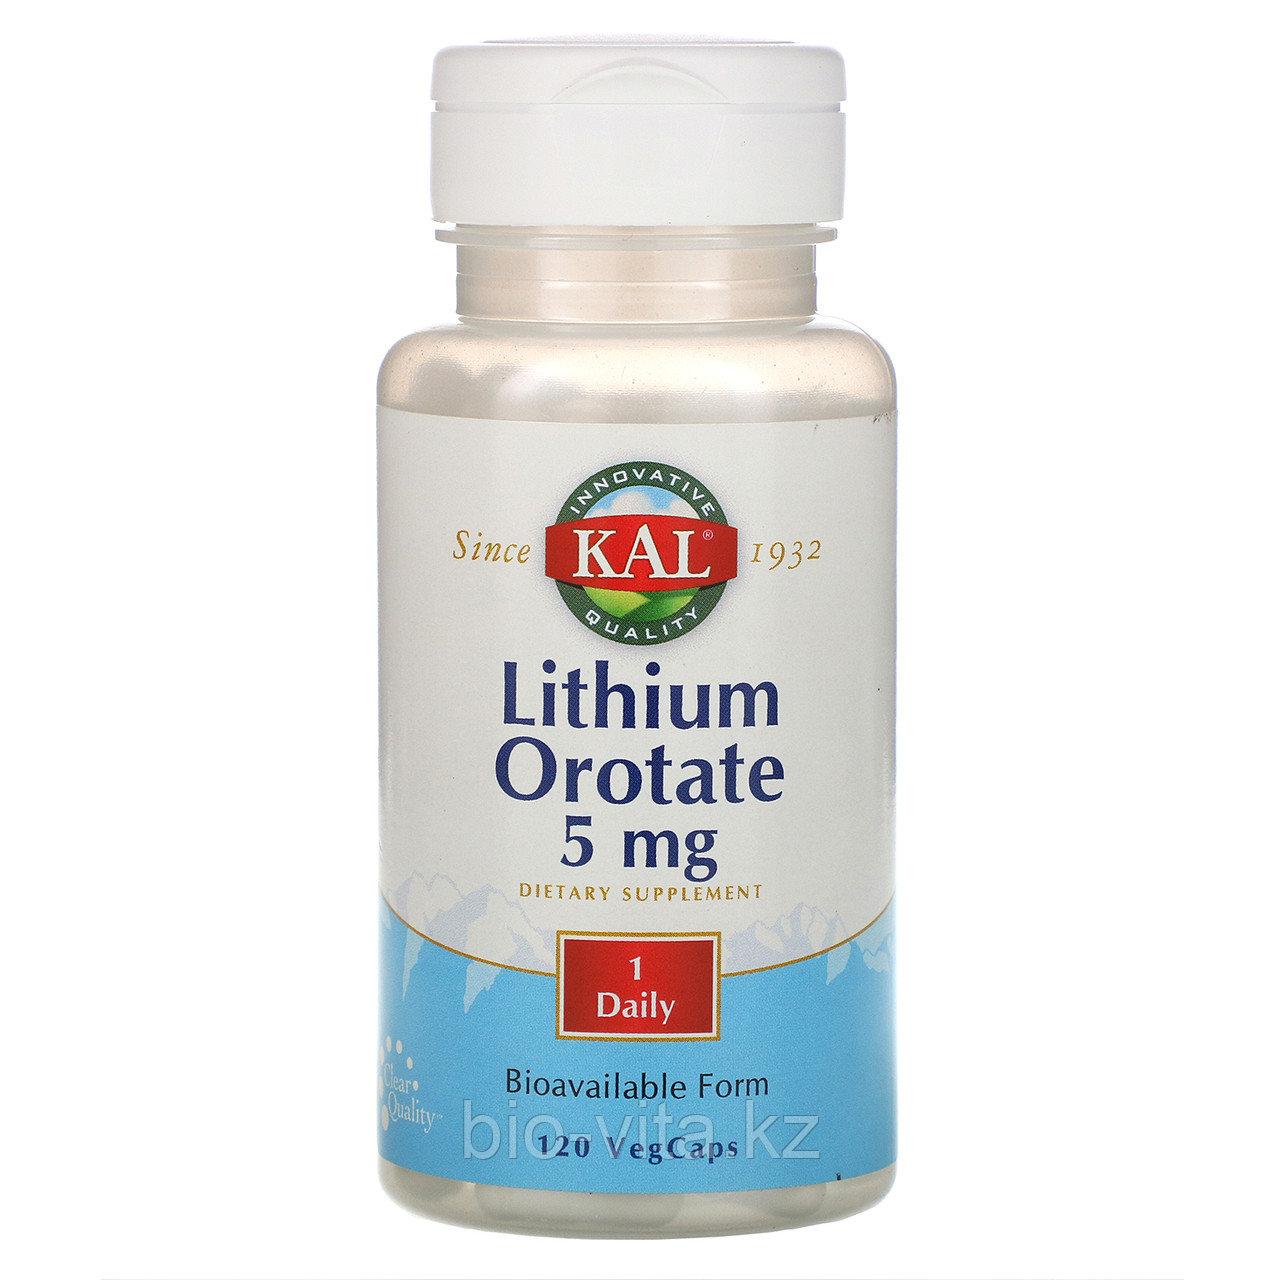 KAL, Оротат лития 5 мг. 120 капсул.